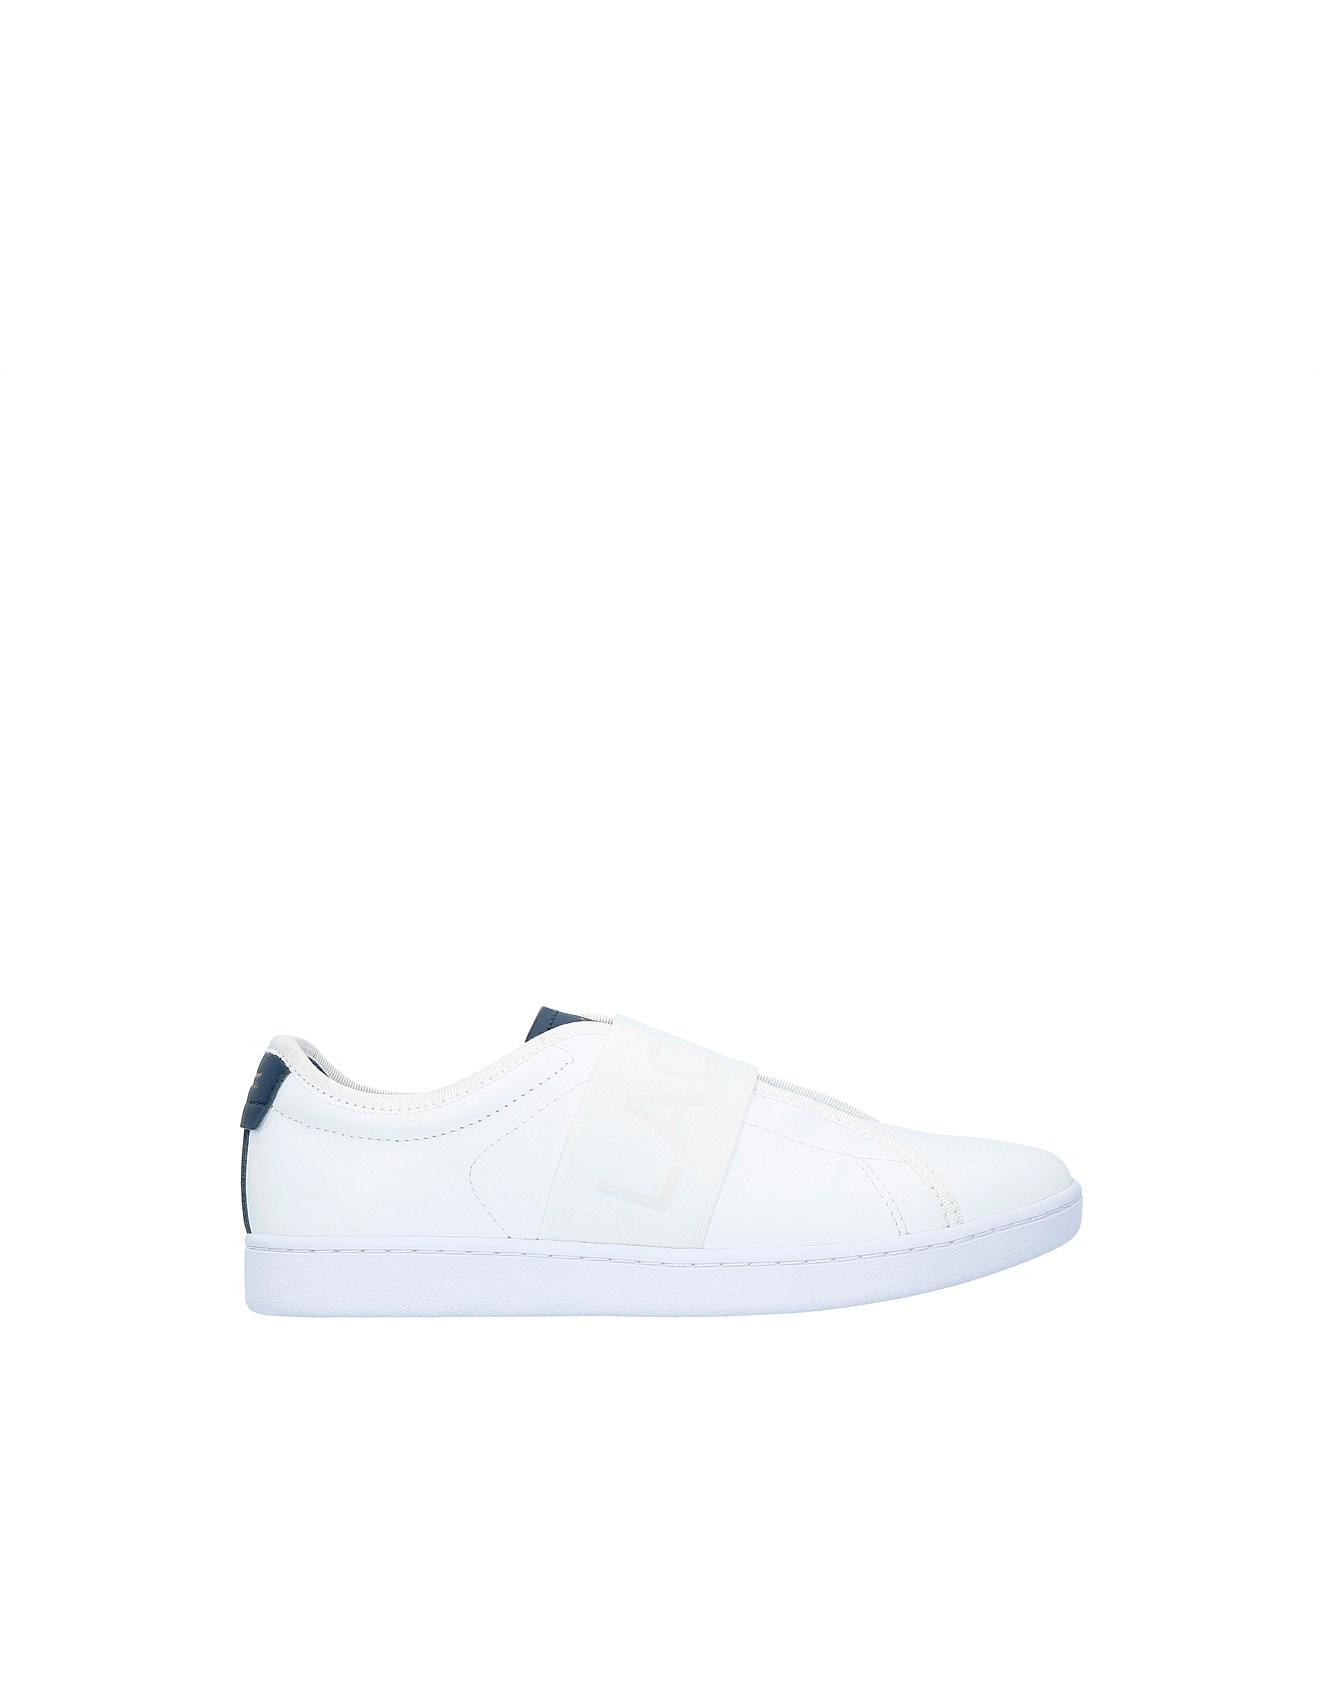 6488de4d3 Lacoste | Buy Lacoste Shoes & Clothing Online | David Jones - Carnaby Evo  Slip 318 1 Spw Sneaker